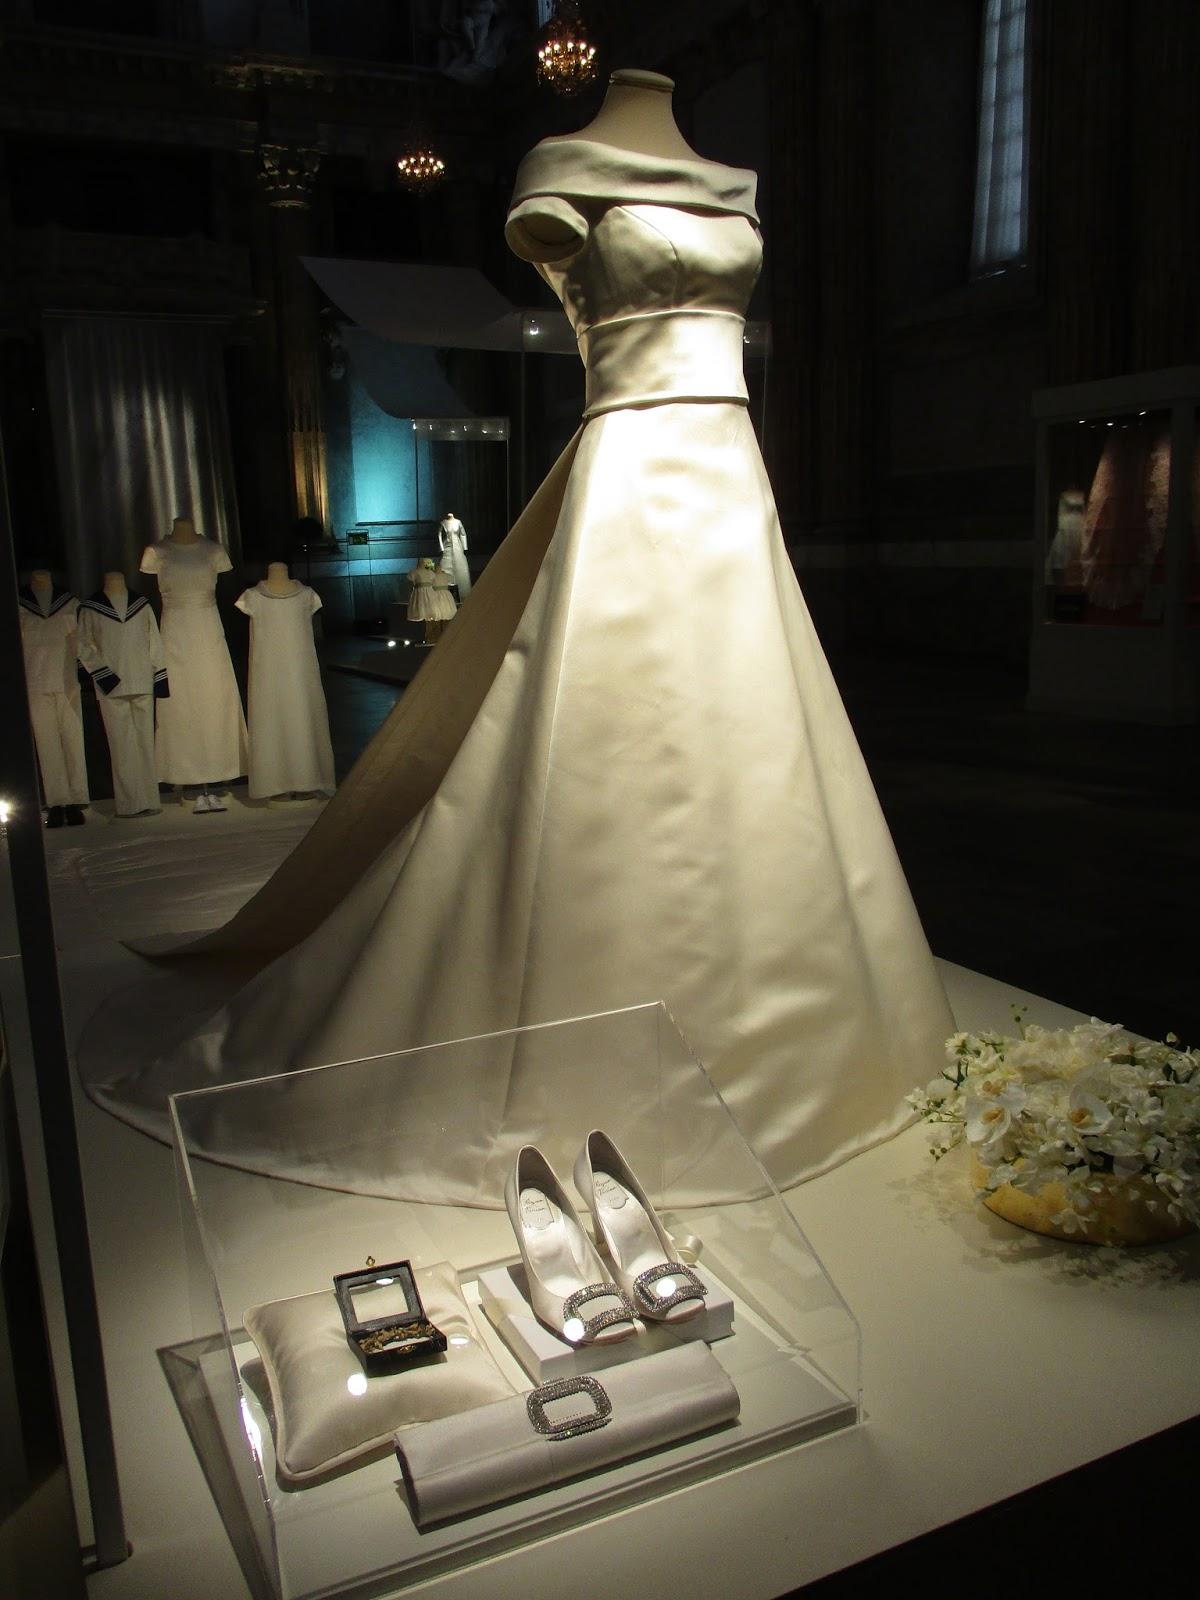 14fc99621fa1 Det är en mycket informativ utställning med många historier kring de  kungliga bröllopsdagarna. Det var riktigt kul att se den.